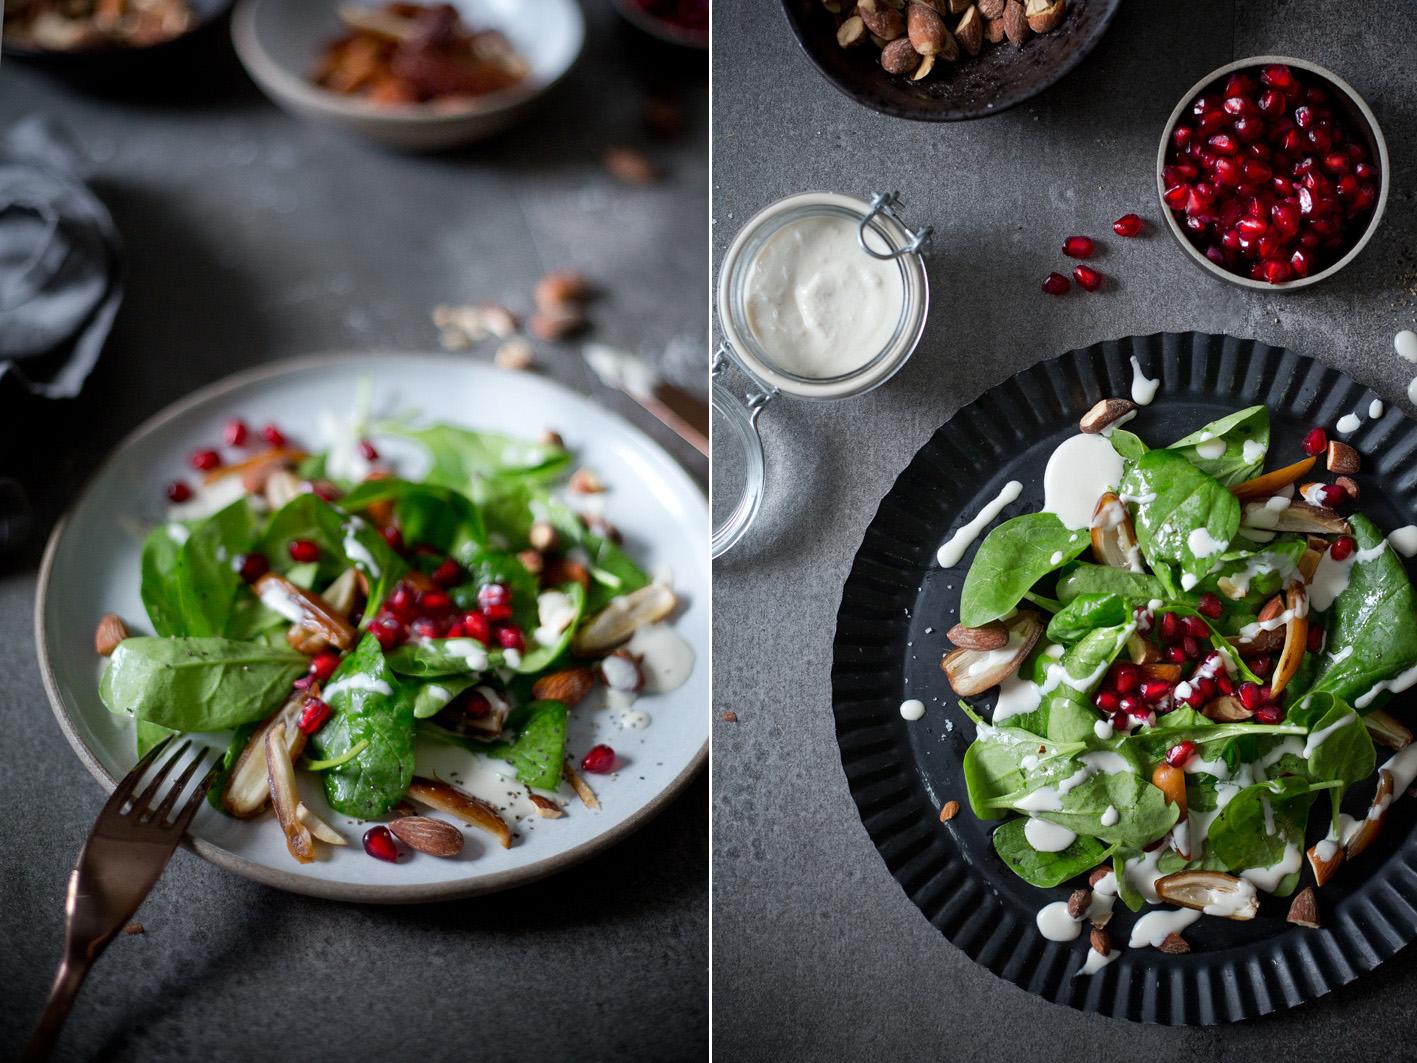 Salat mit Spinat, Mandeln und Granatapfel